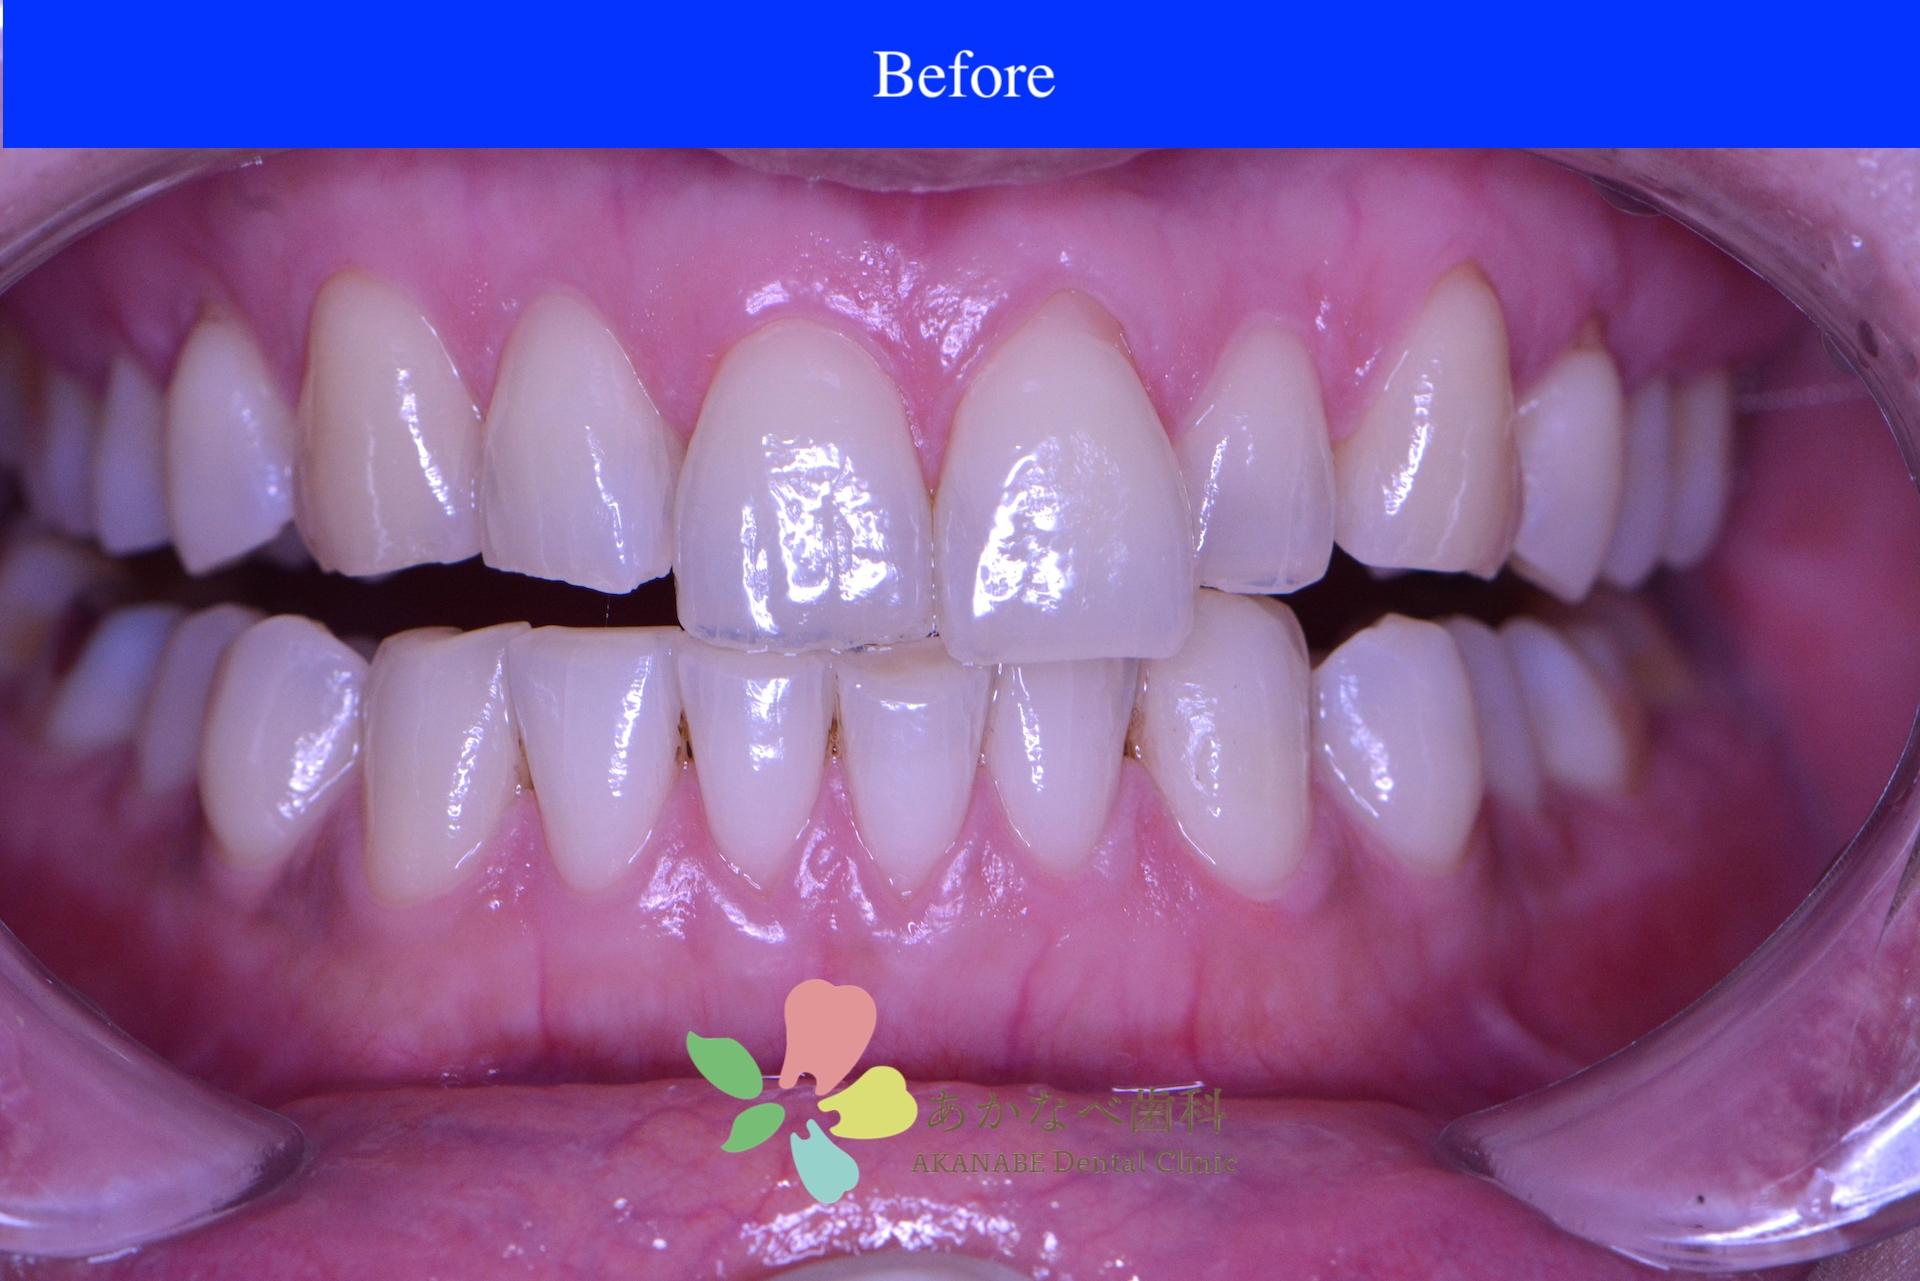 あかなべ歯科_ホワイトニング_20210114_術前